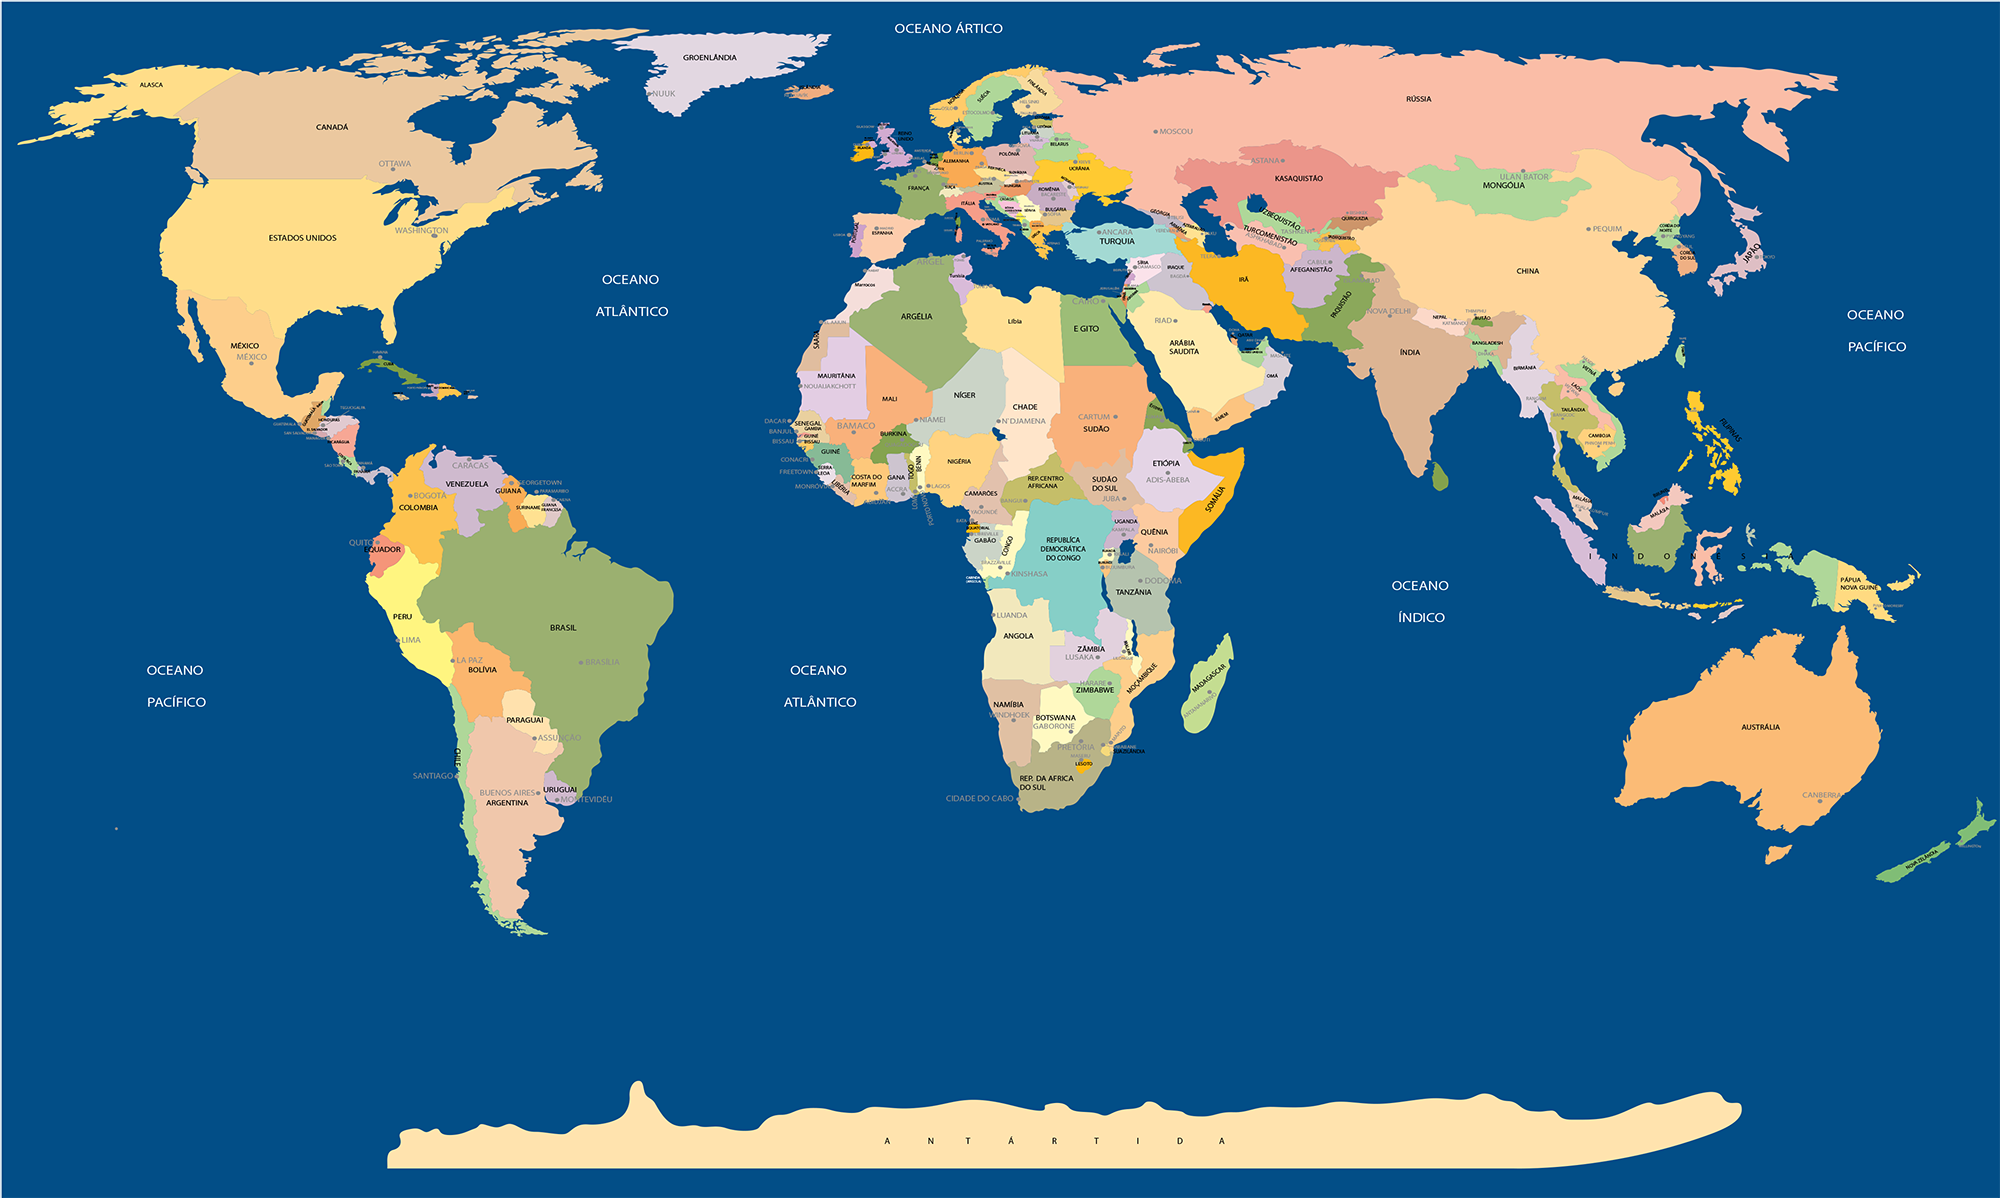 mapa mundi paises Mapa Mundi nome de todos os paises e capitais | Pessoal  mapa mundi paises